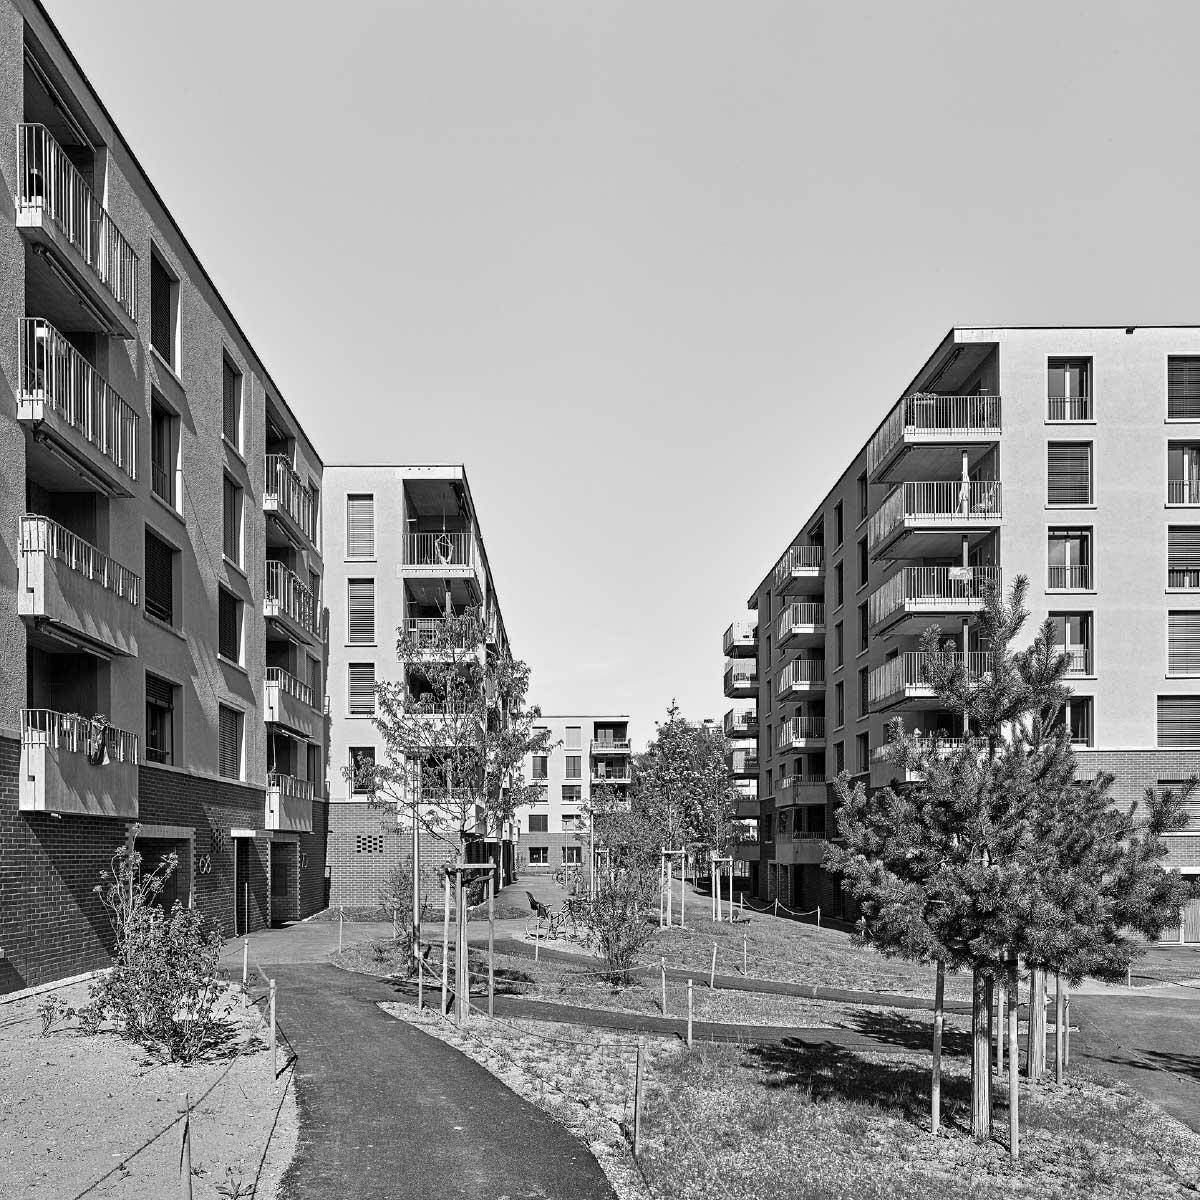 Vor- und zurückspringende Gebäude gliedern den parkartig grünen Innenhof. Bild: Roland Bernath